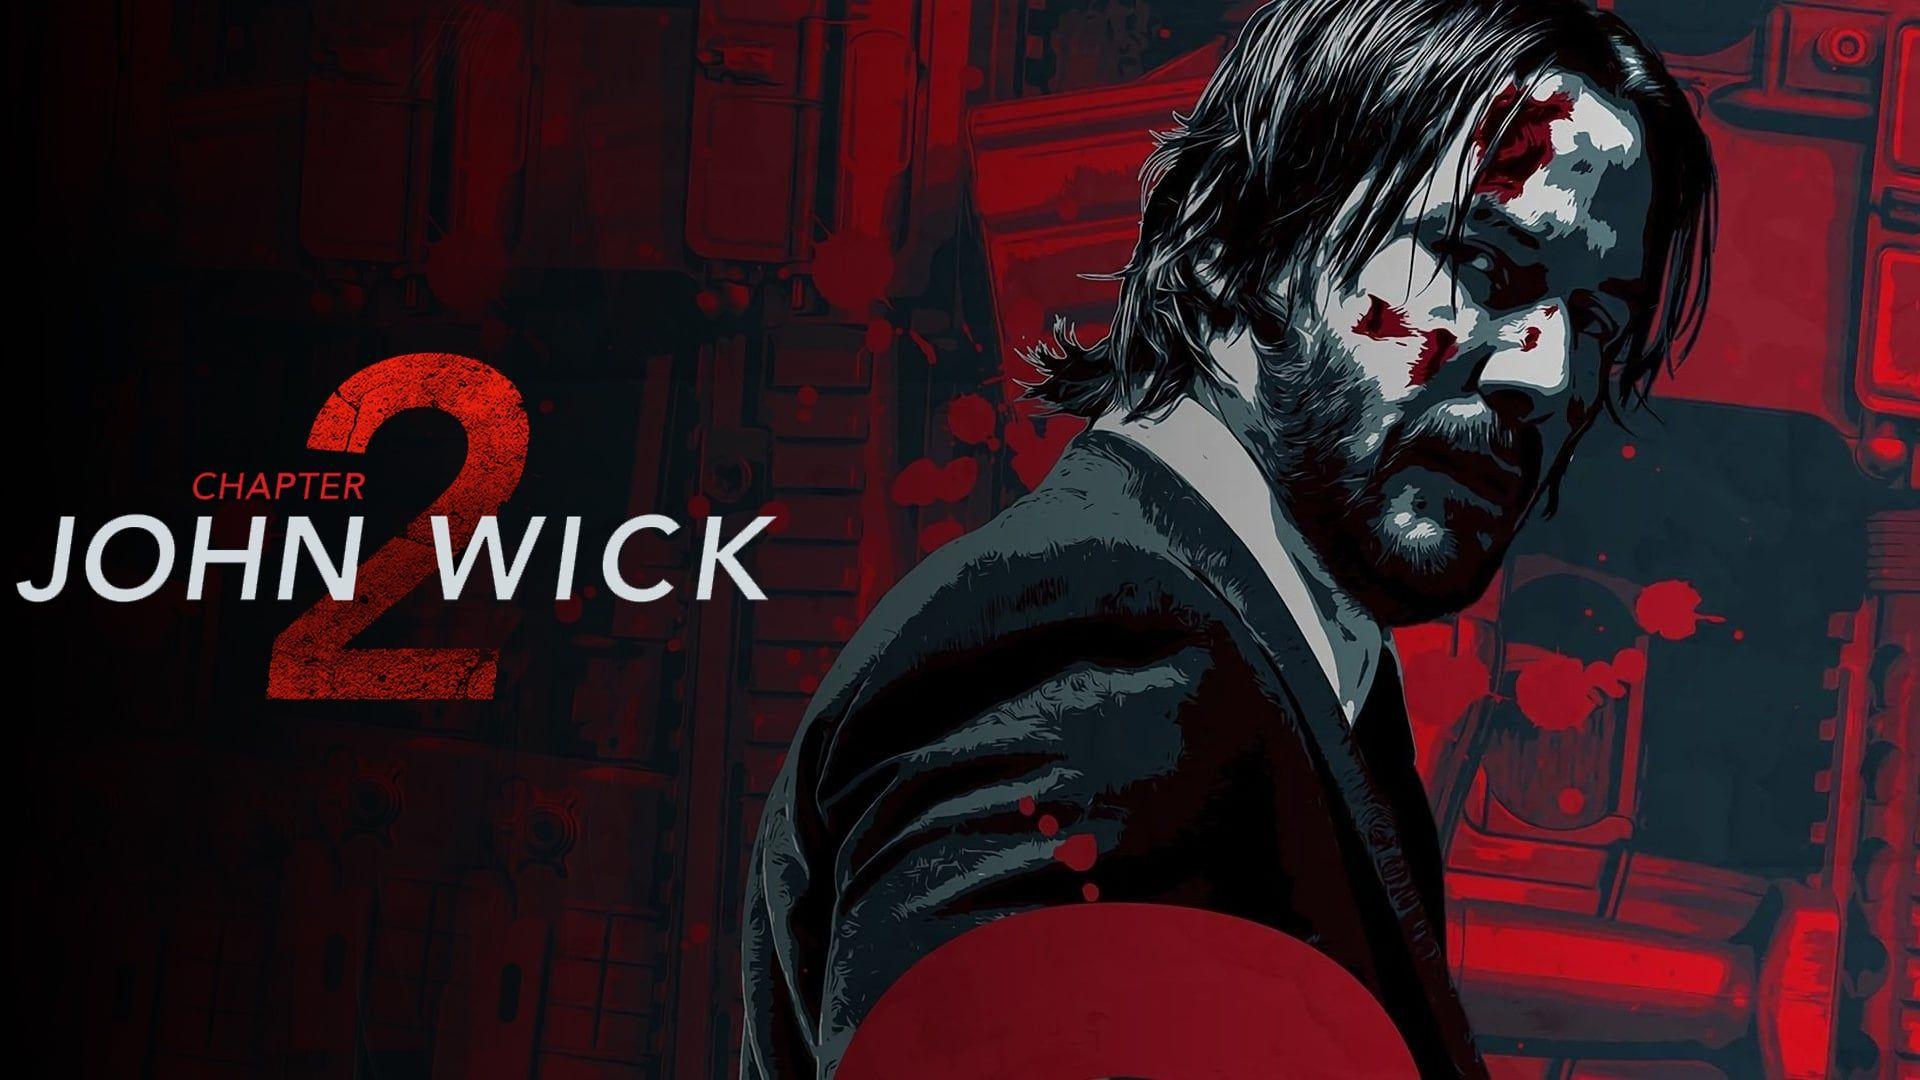 Hd Mozi John Wick 2 Felvonas 2017 Online Teljes Film Filmek Magyarul Letoltes Hd John Wick 2 Movies By Genre Free Movies Online Full Movies Online Free